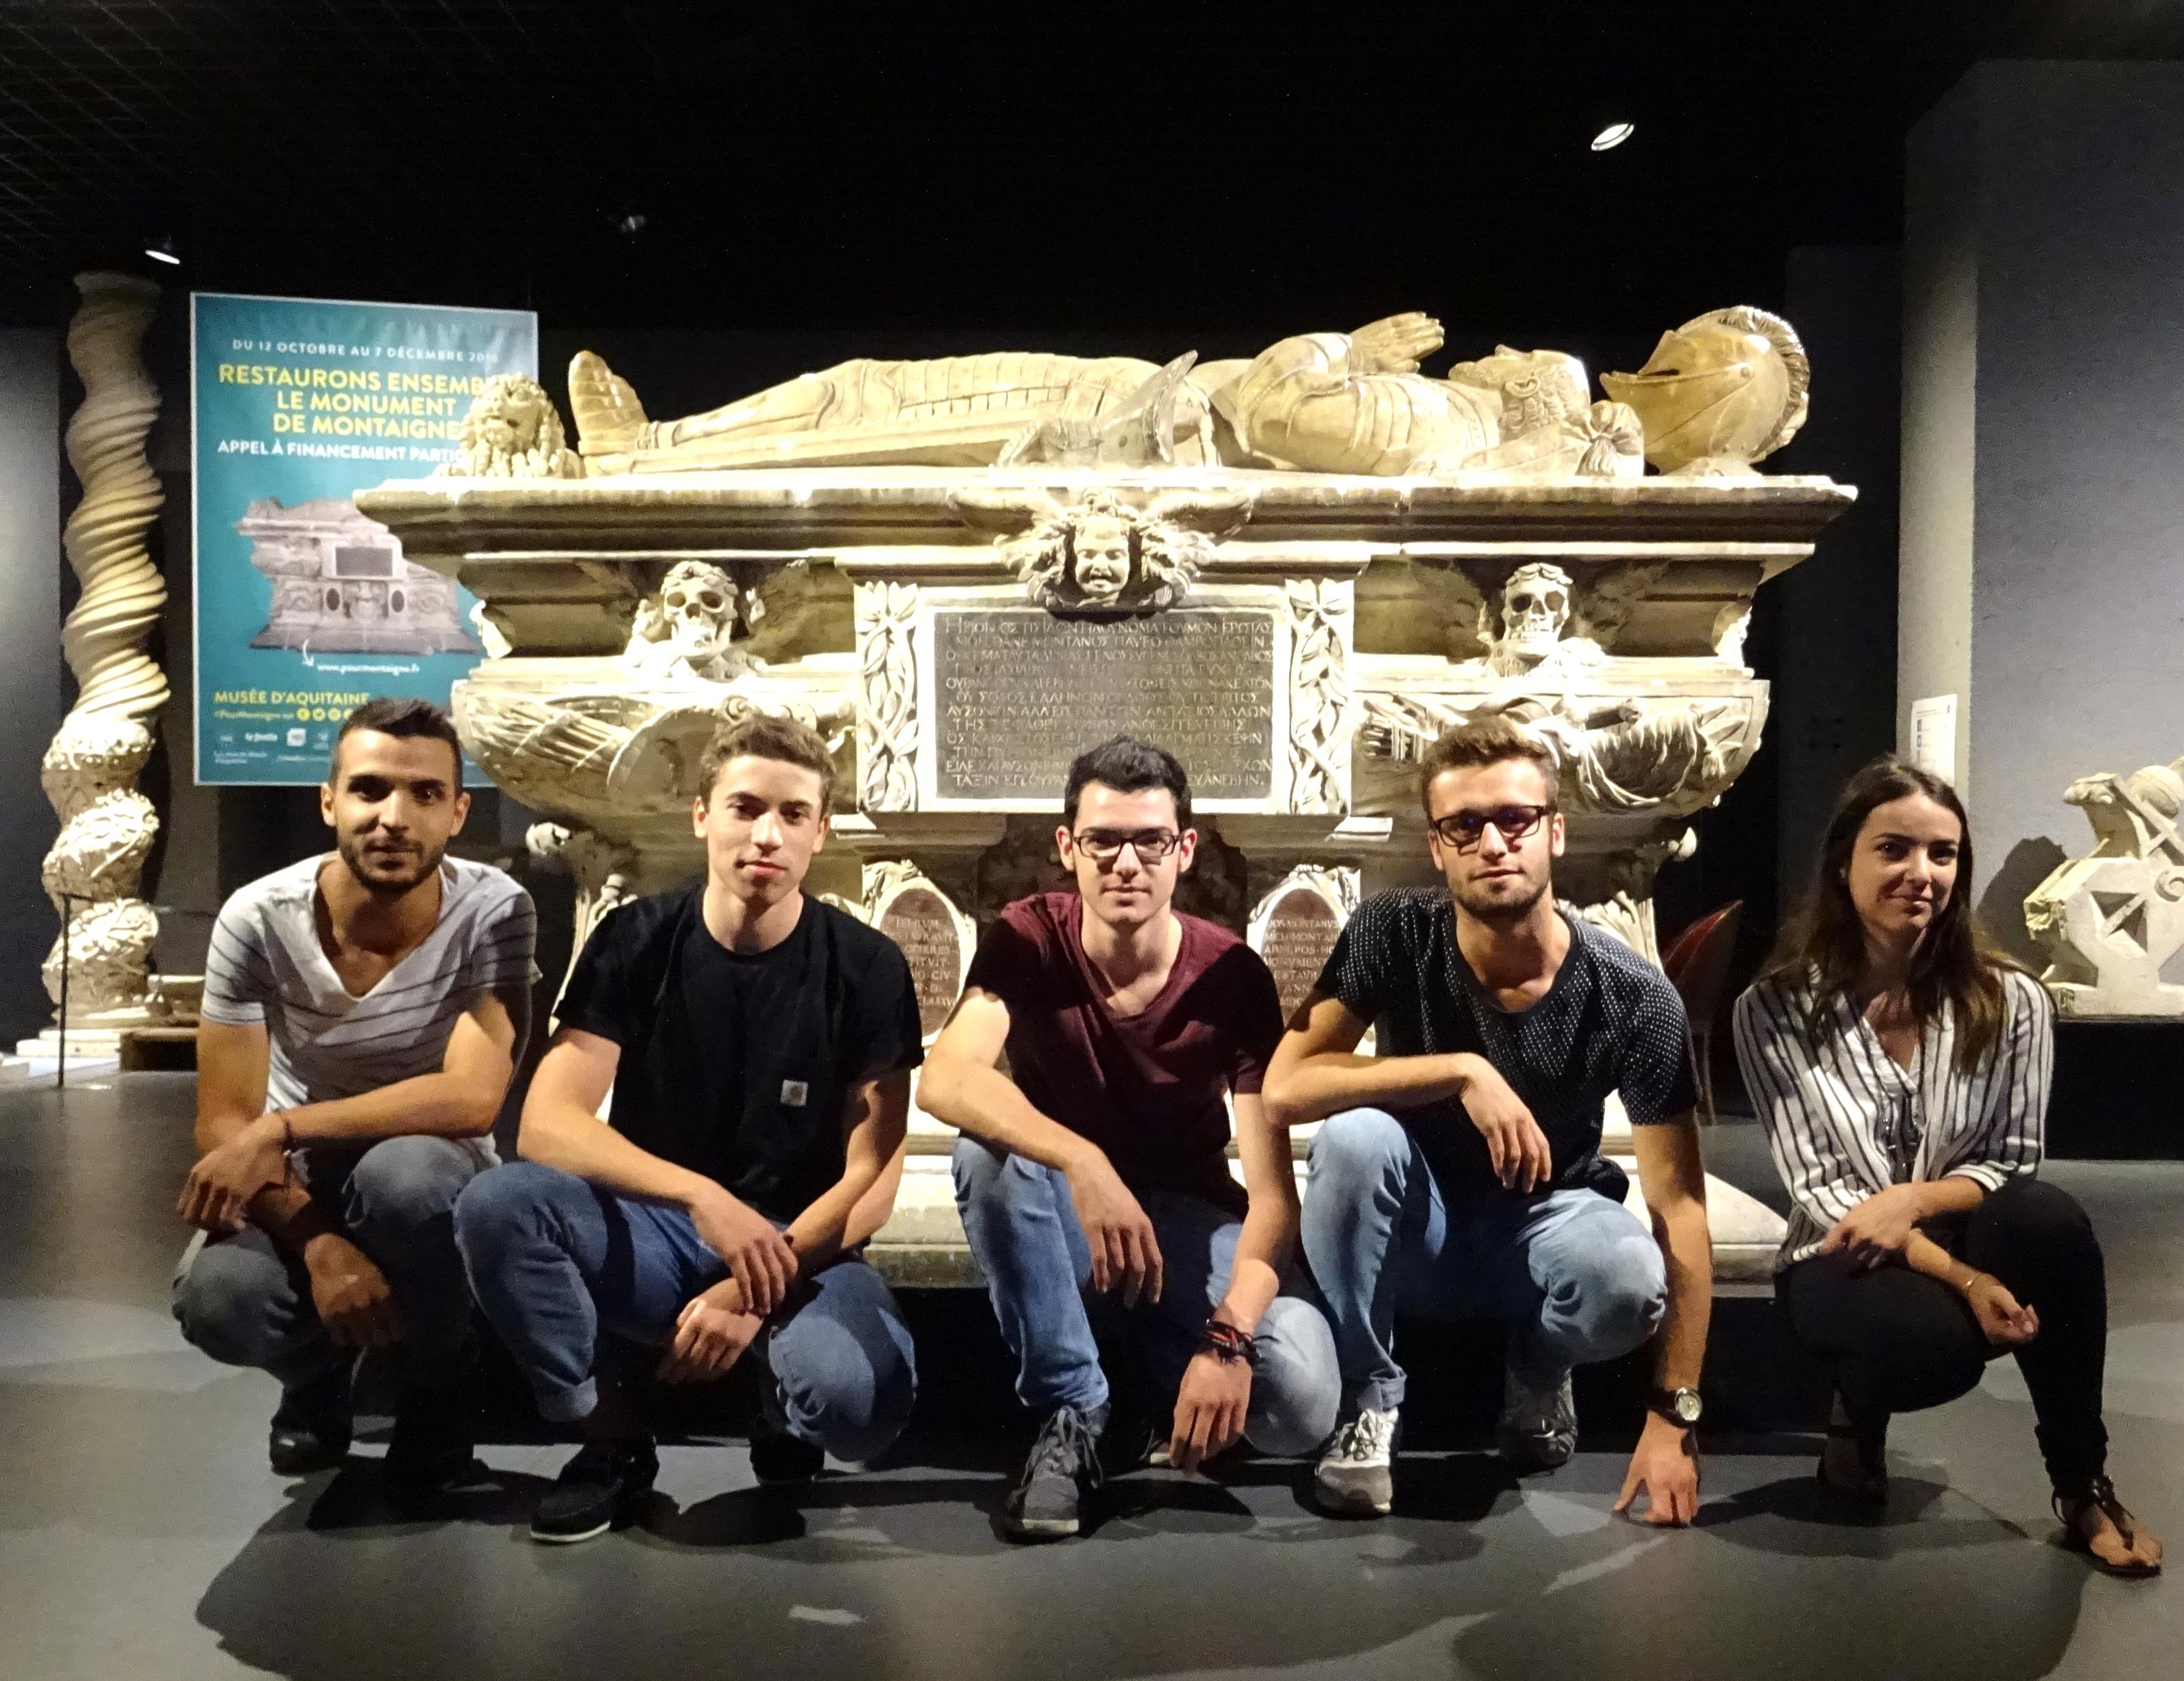 La Team Montaigne devant le cénotaphe. Photo : Charlène Potier